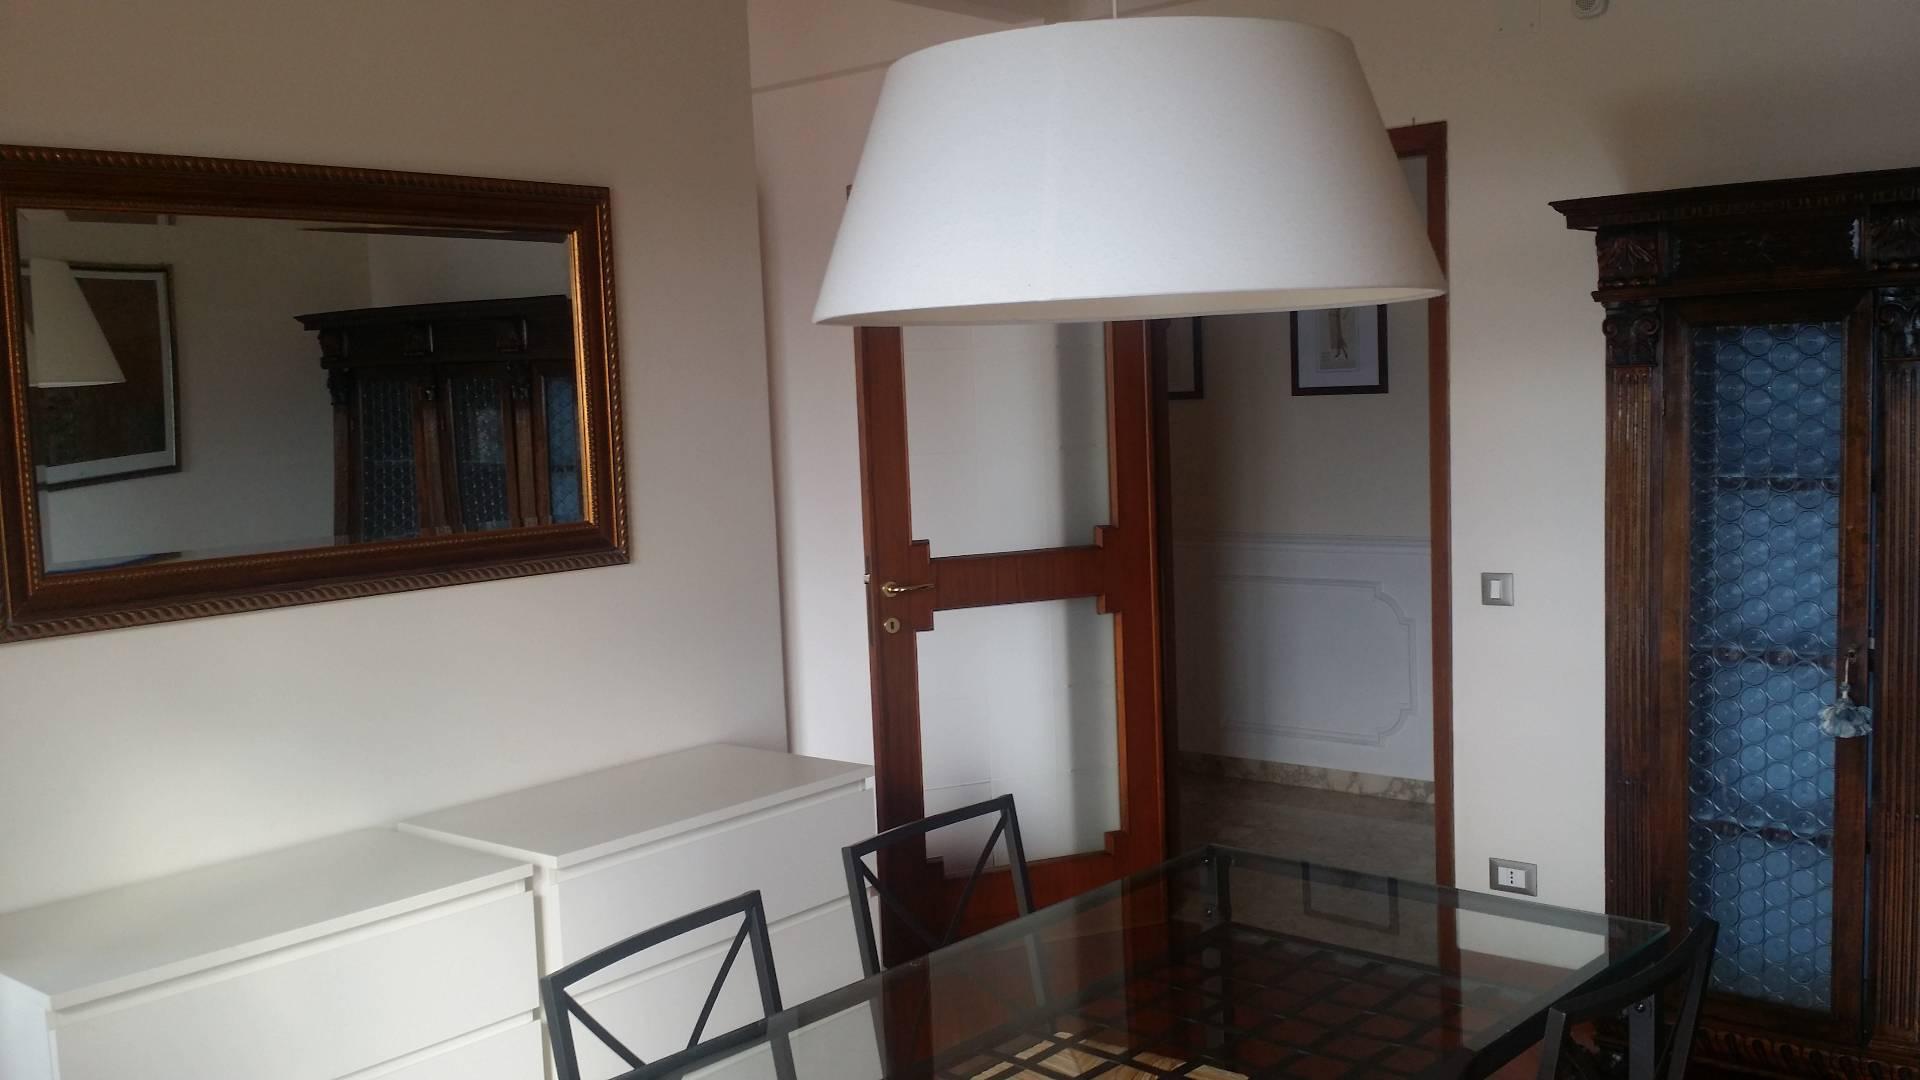 Attico / Mansarda in affitto a Empoli, 5 locali, zona Località: Centro, prezzo € 850 | Cambio Casa.it